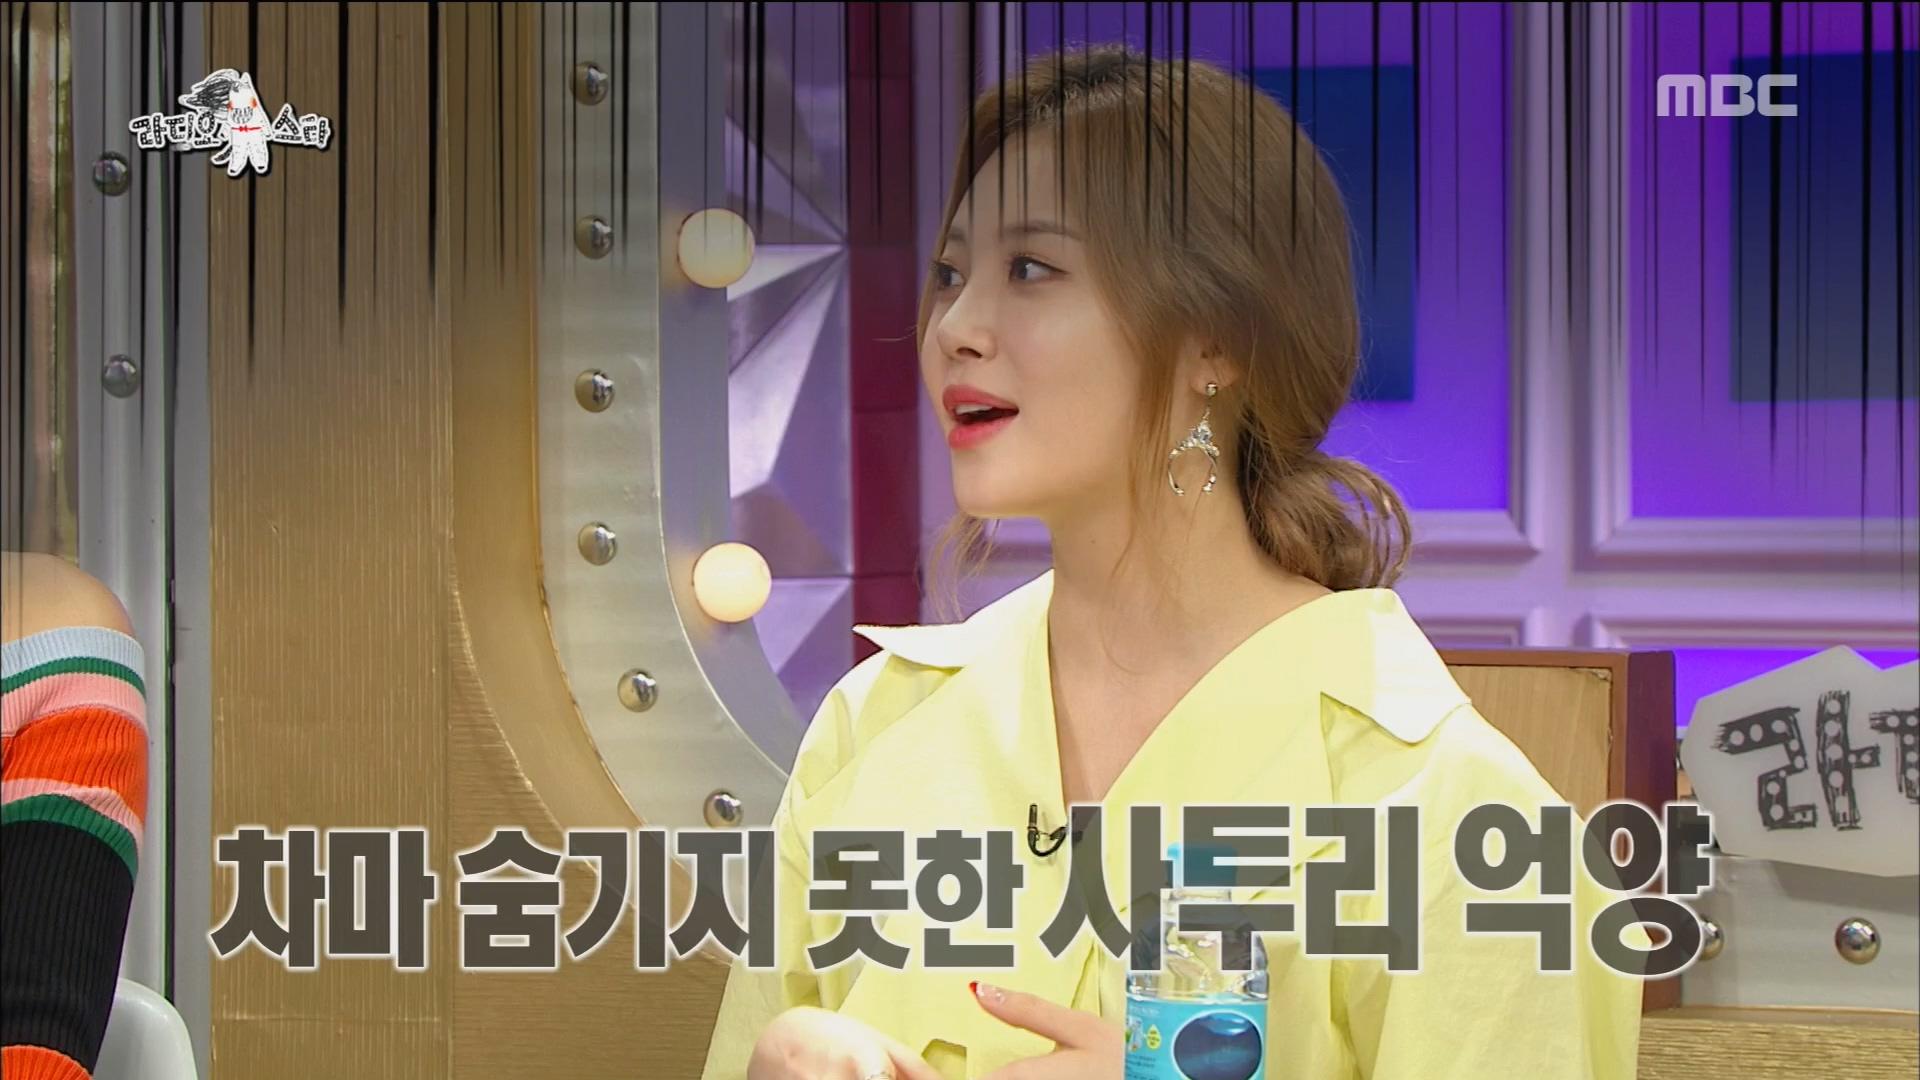 유라, 데뷔 초 강제 시크 담당이었다?!